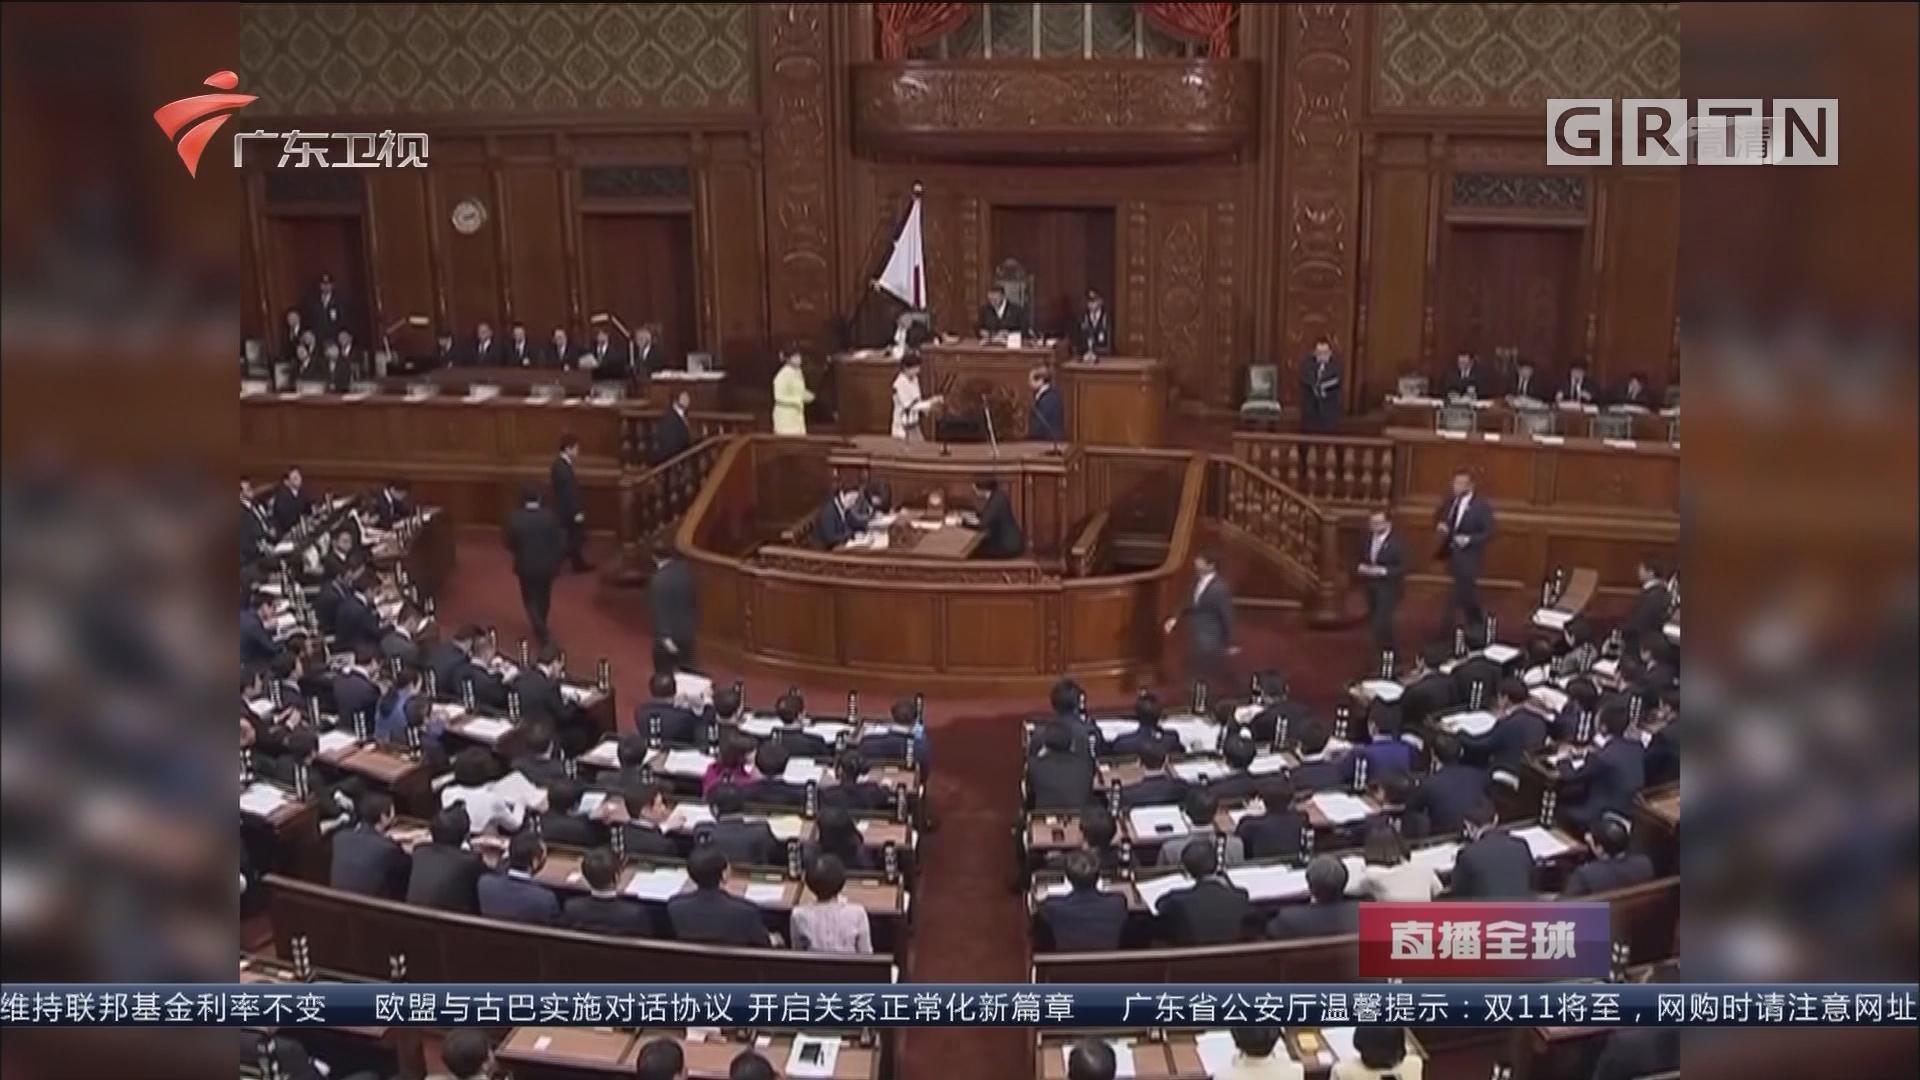 安倍晋三再次当选日本首相:高票当选 内阁不变